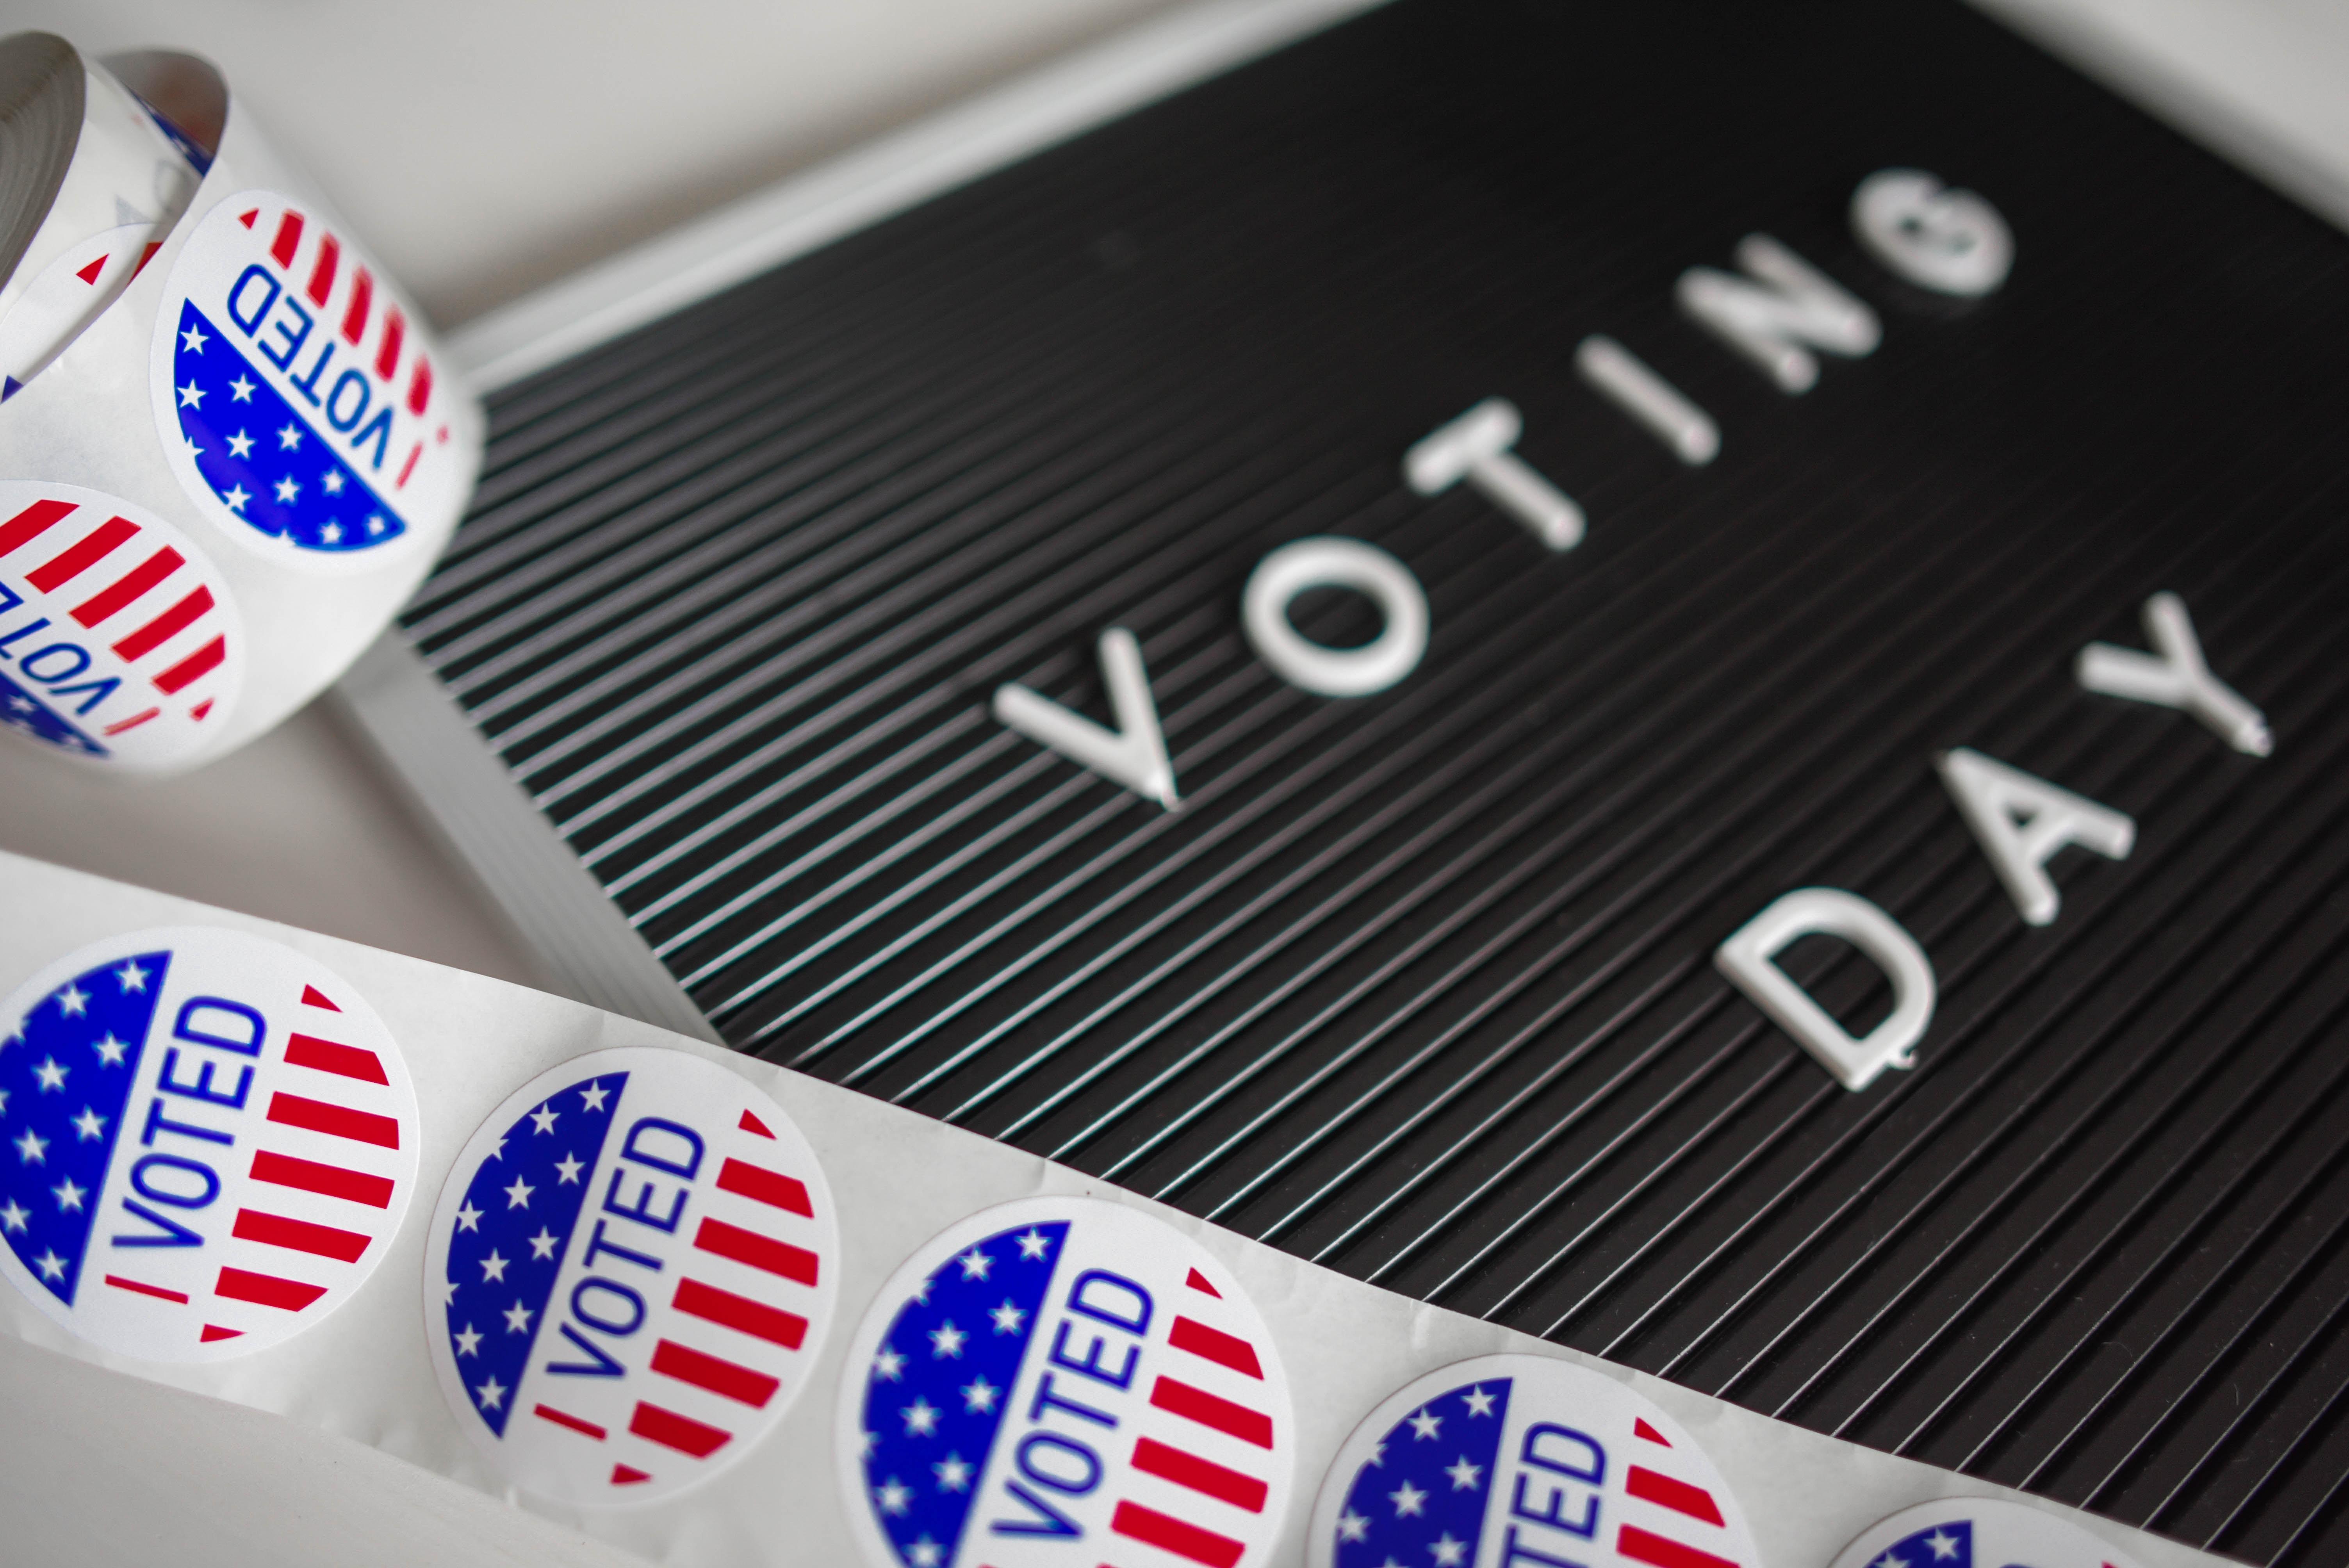 element5 digital 1126225 unsplash 1 1 - Go Vote! By Guest Author Kevin Pettit